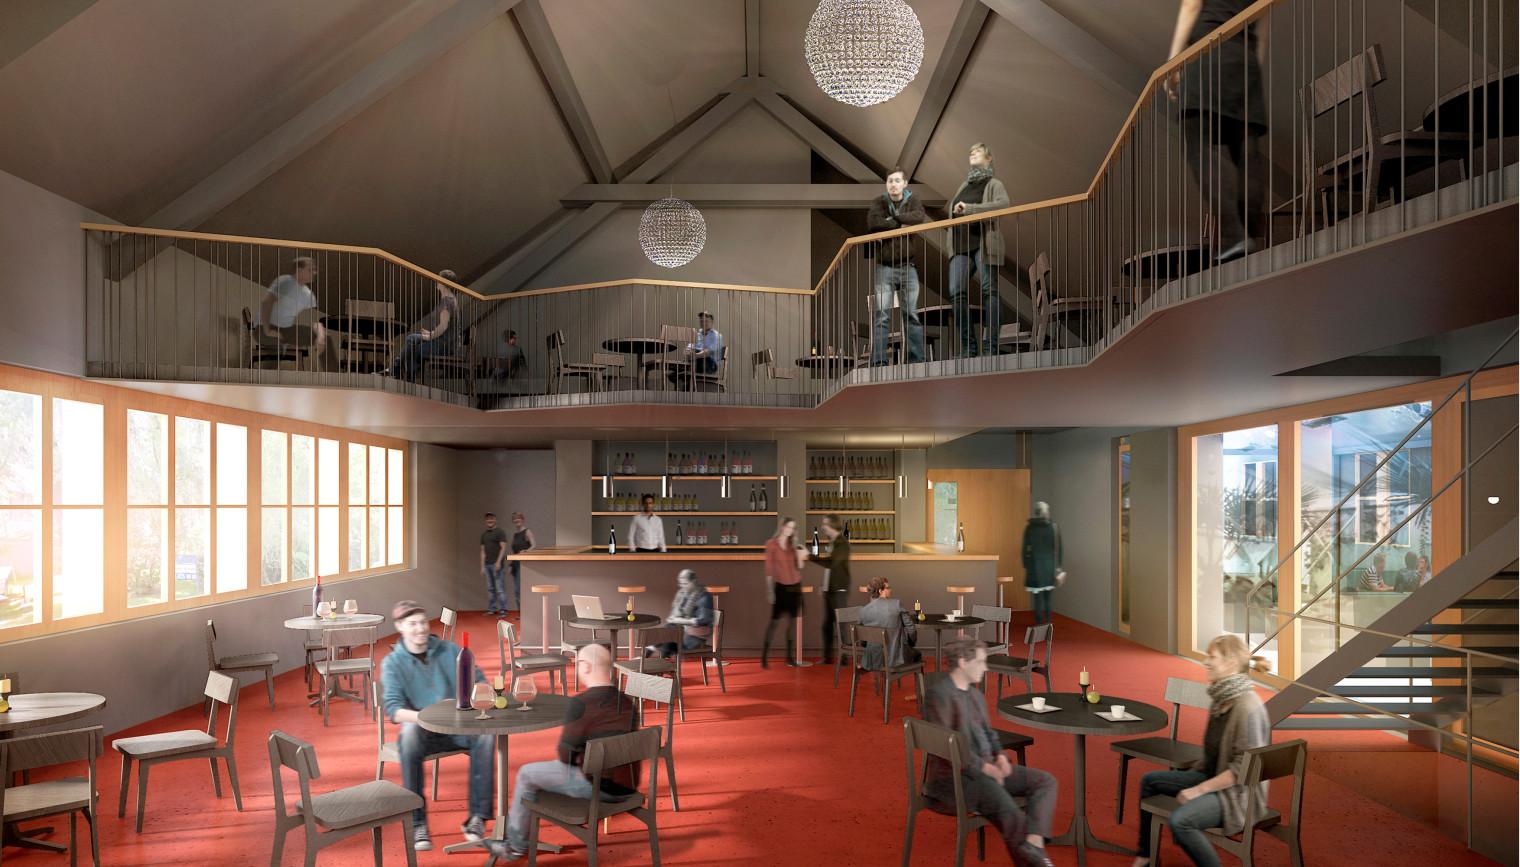 Im Sommer wird das Parterre umgebaut. Der Konzertclub soll künftig eine Galerie erhalten und dadurch auch grösser werden.